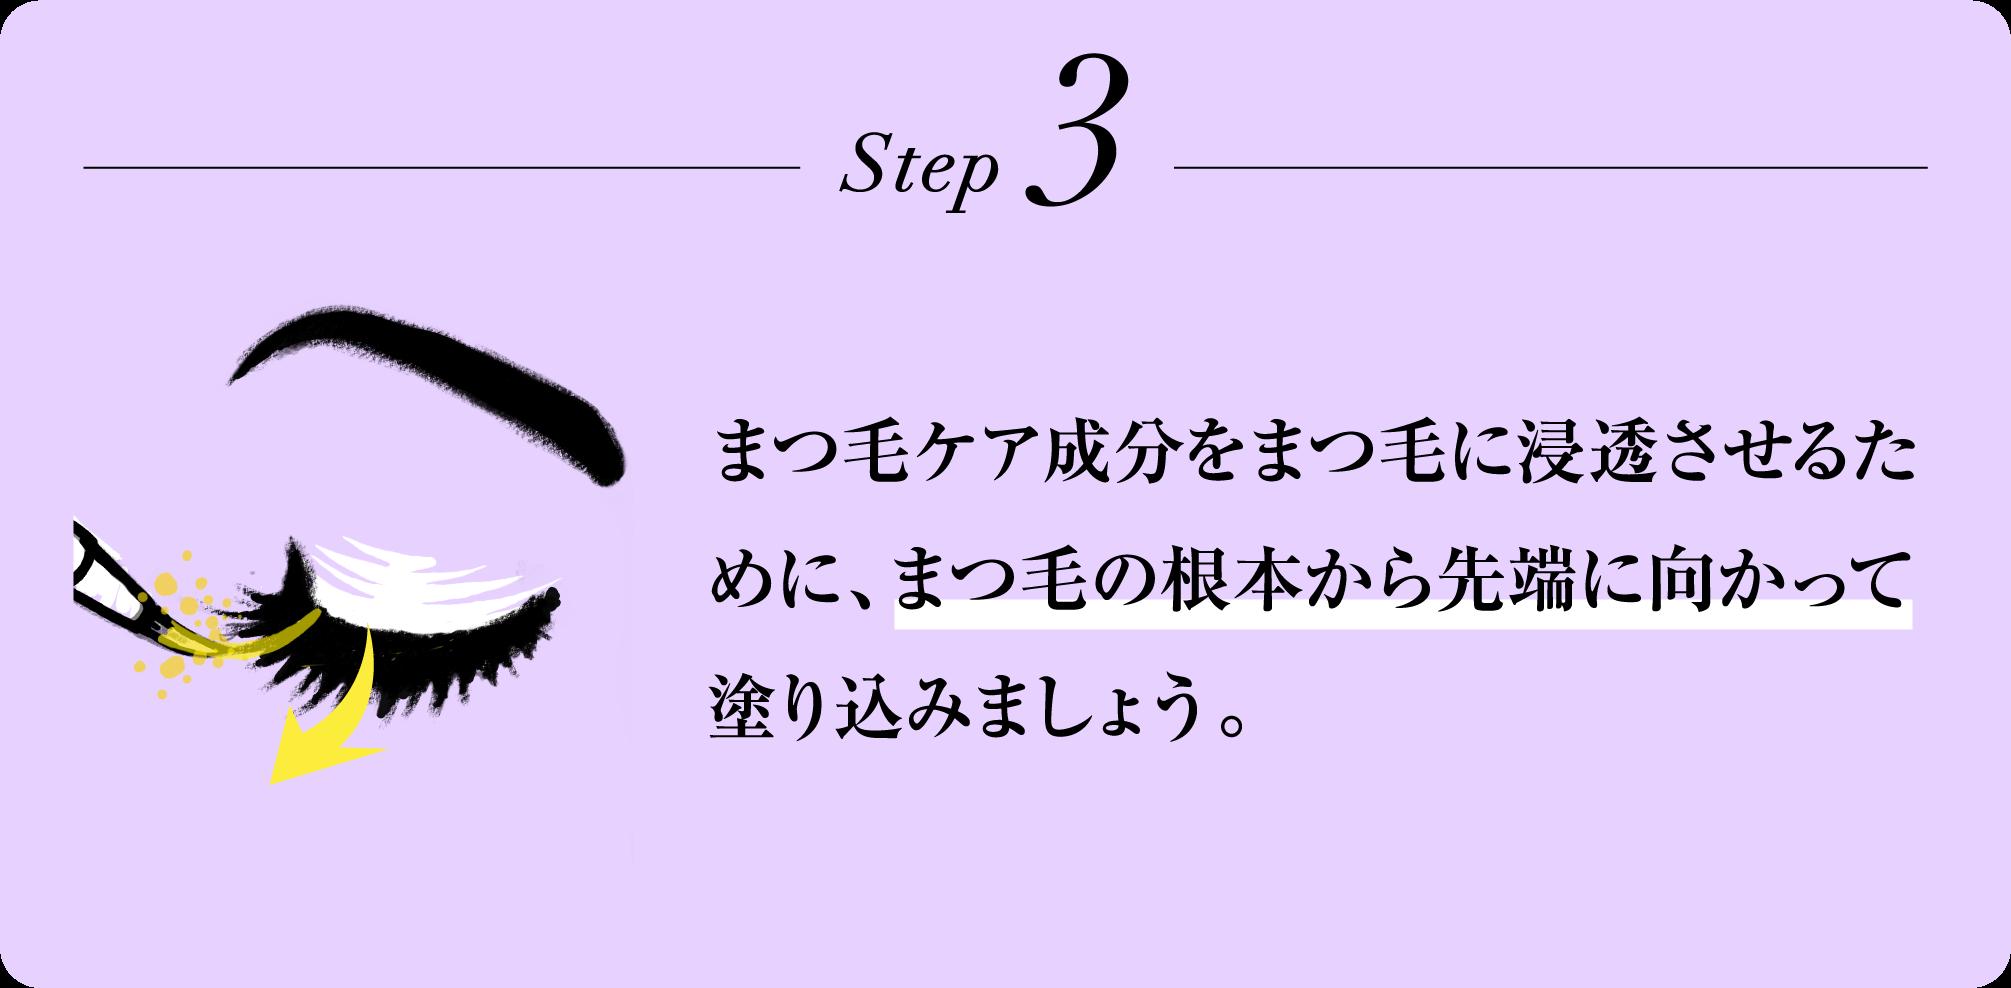 Step3 まつ毛ケア成分をまつ毛に浸透させるために、まつ毛の根本から先端に向かって塗り込みましょう。